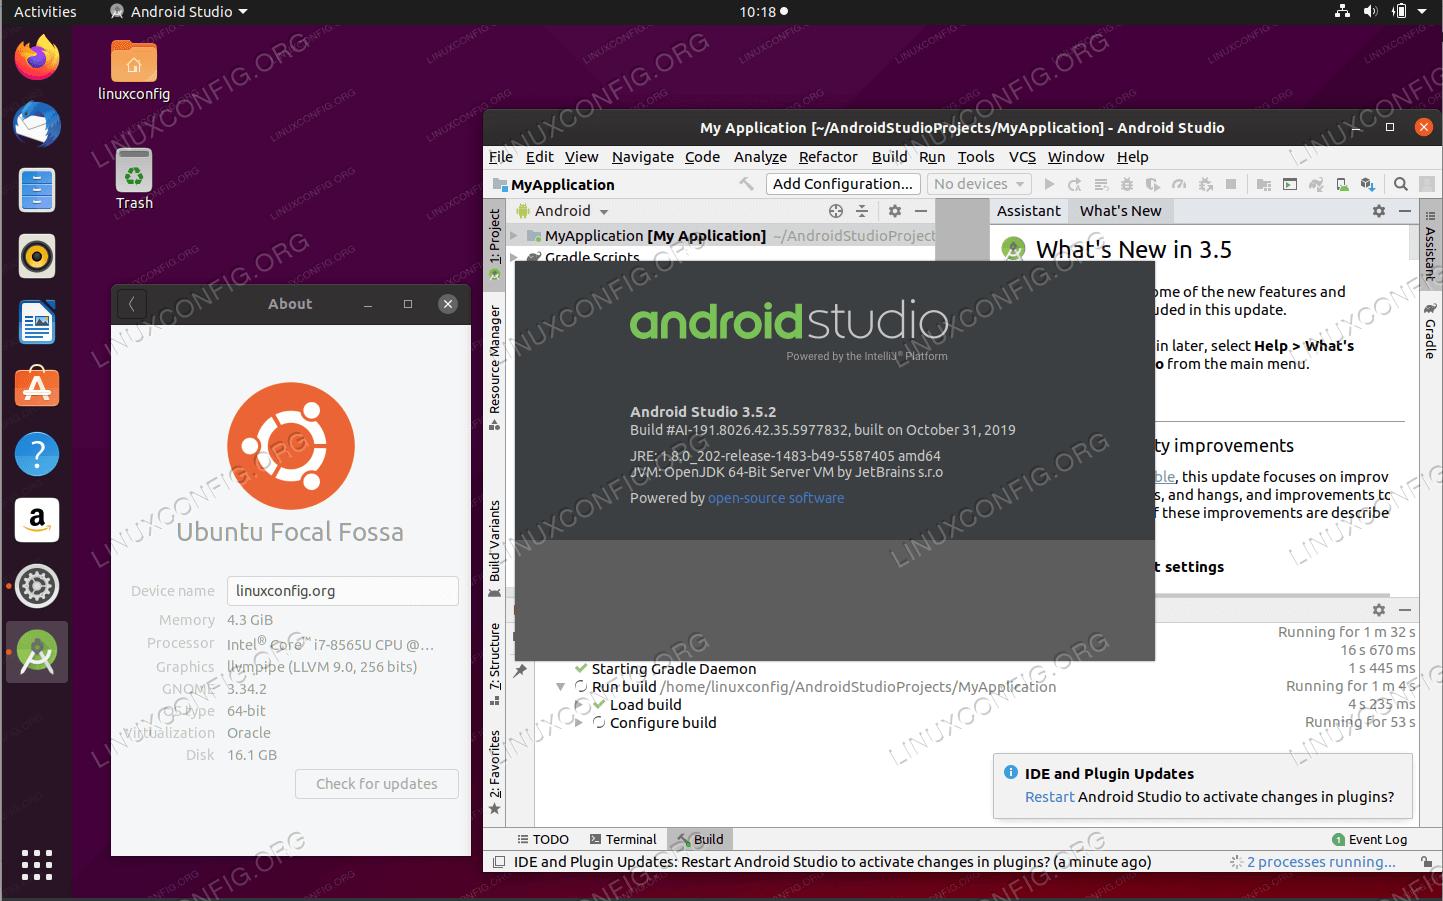 Android Studio on Ubuntu 20.04 Focal Fossa Linux